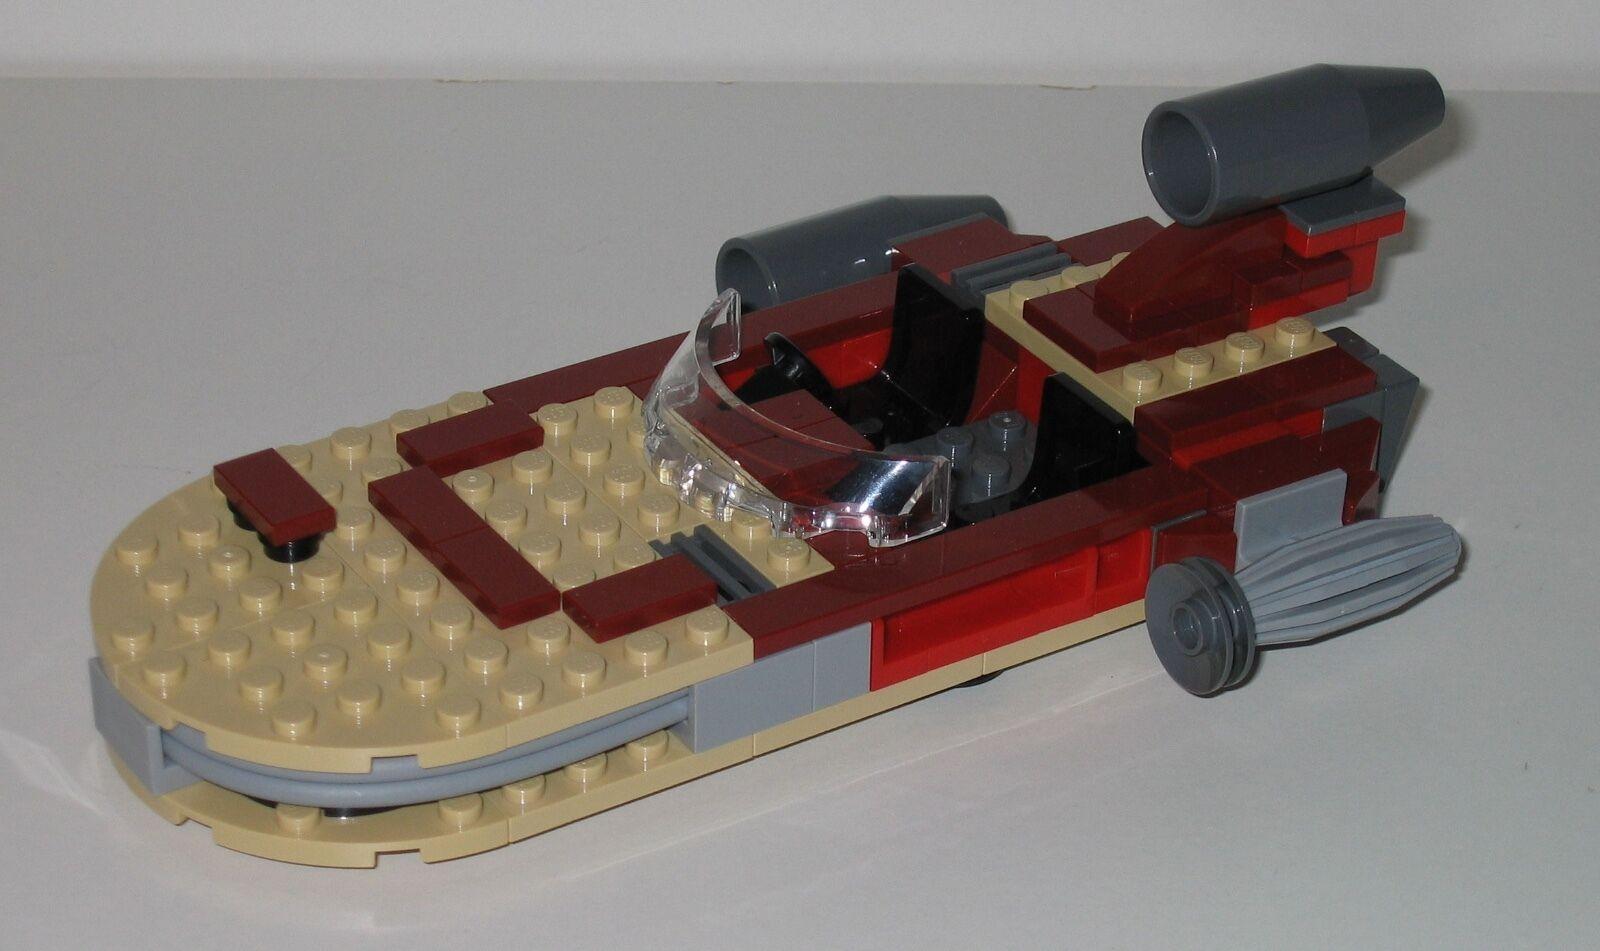 8092 LEGO Star Wars Luke's Landspeeder 100% Complete Box